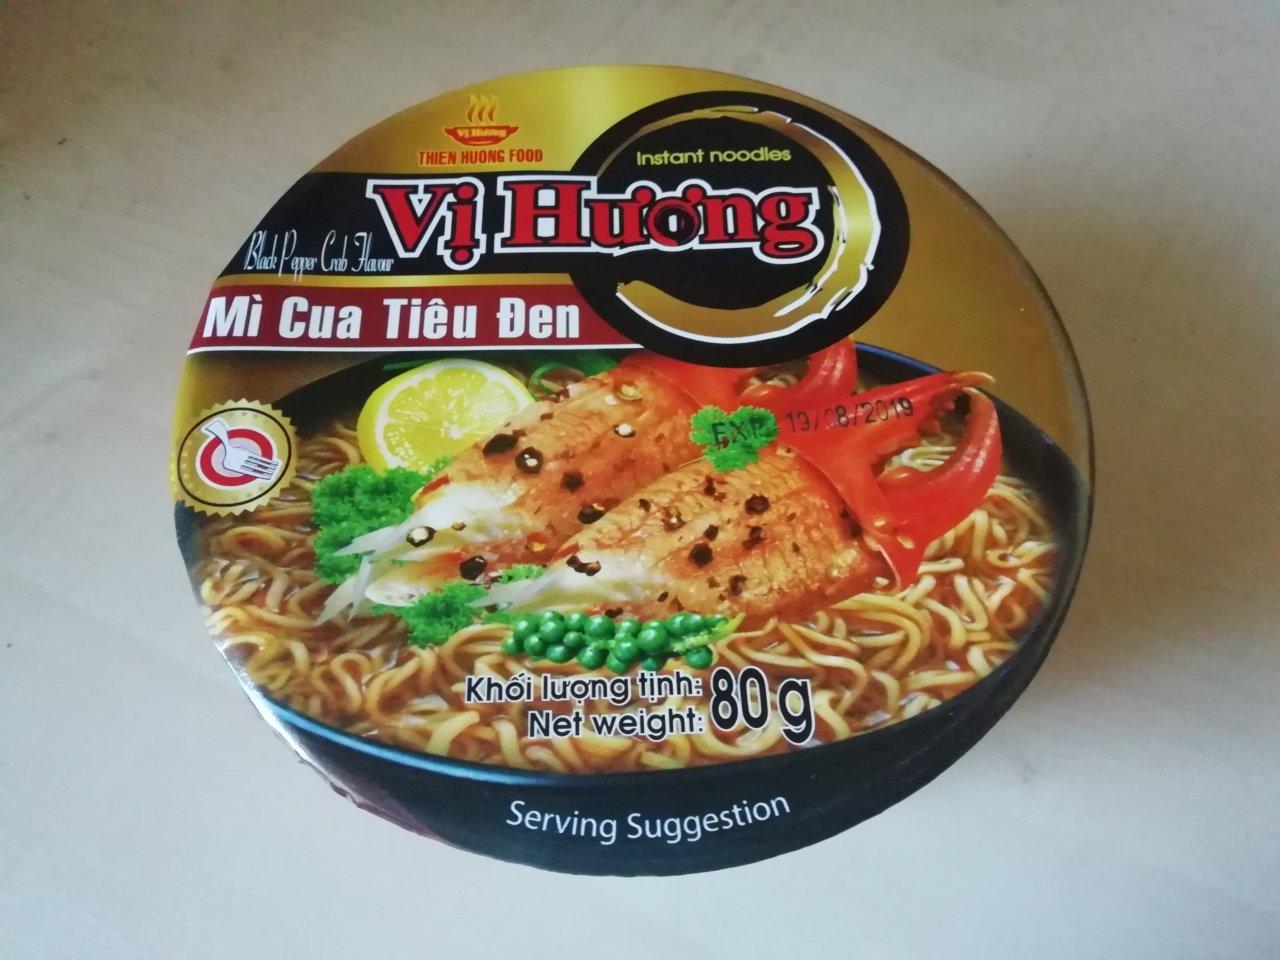 """#1625: Vi Huong Instant Noodles """"Black Pepper Crab Flavour"""" Bowl (Mì Cua Tiêu Đen)"""